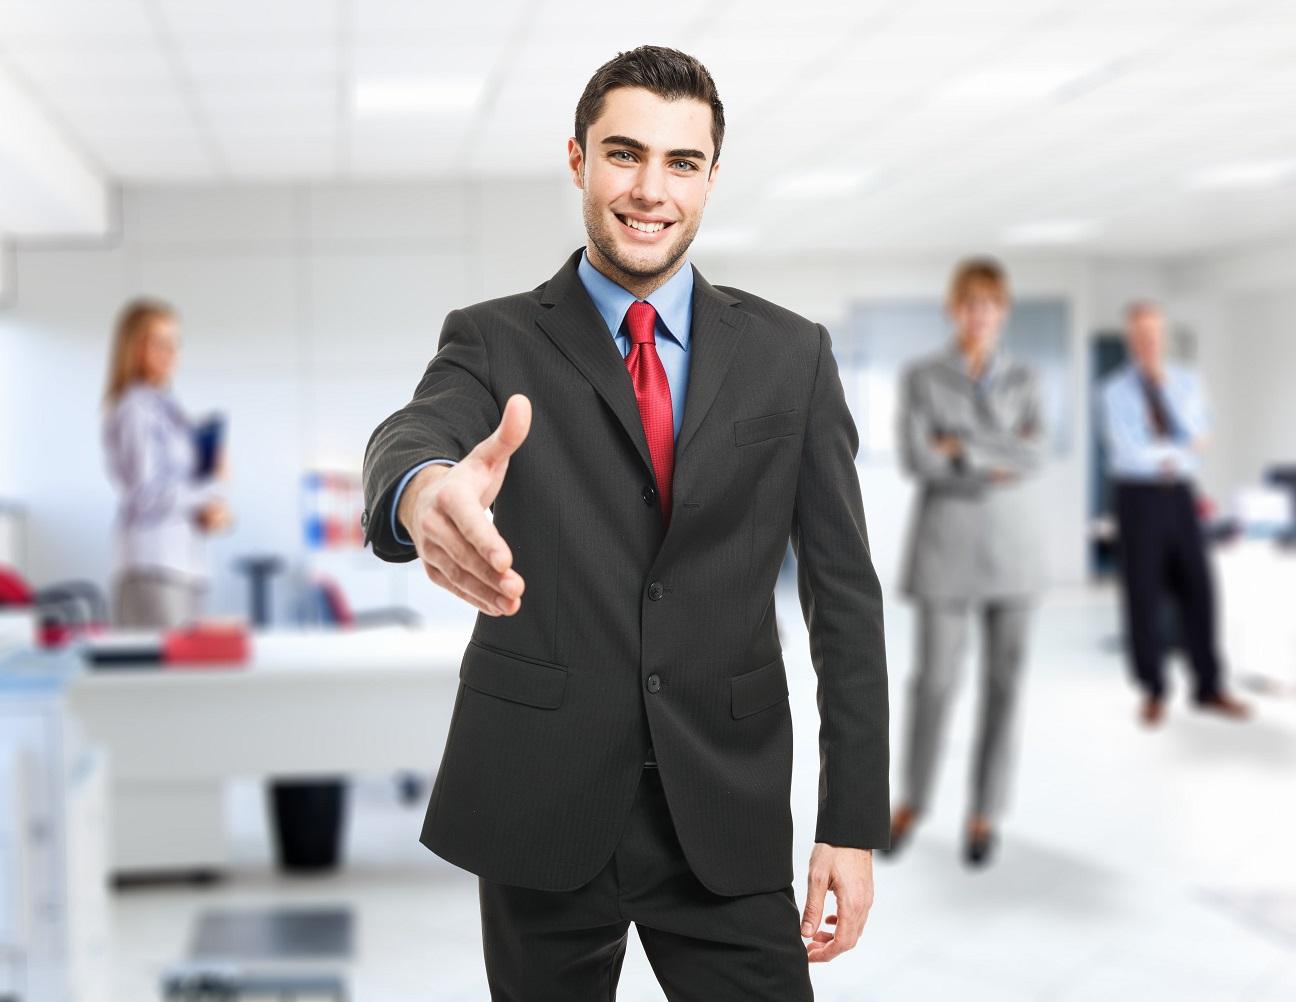 Firmenverzeichnisse-Unternehmenspräsentation-Business-mann